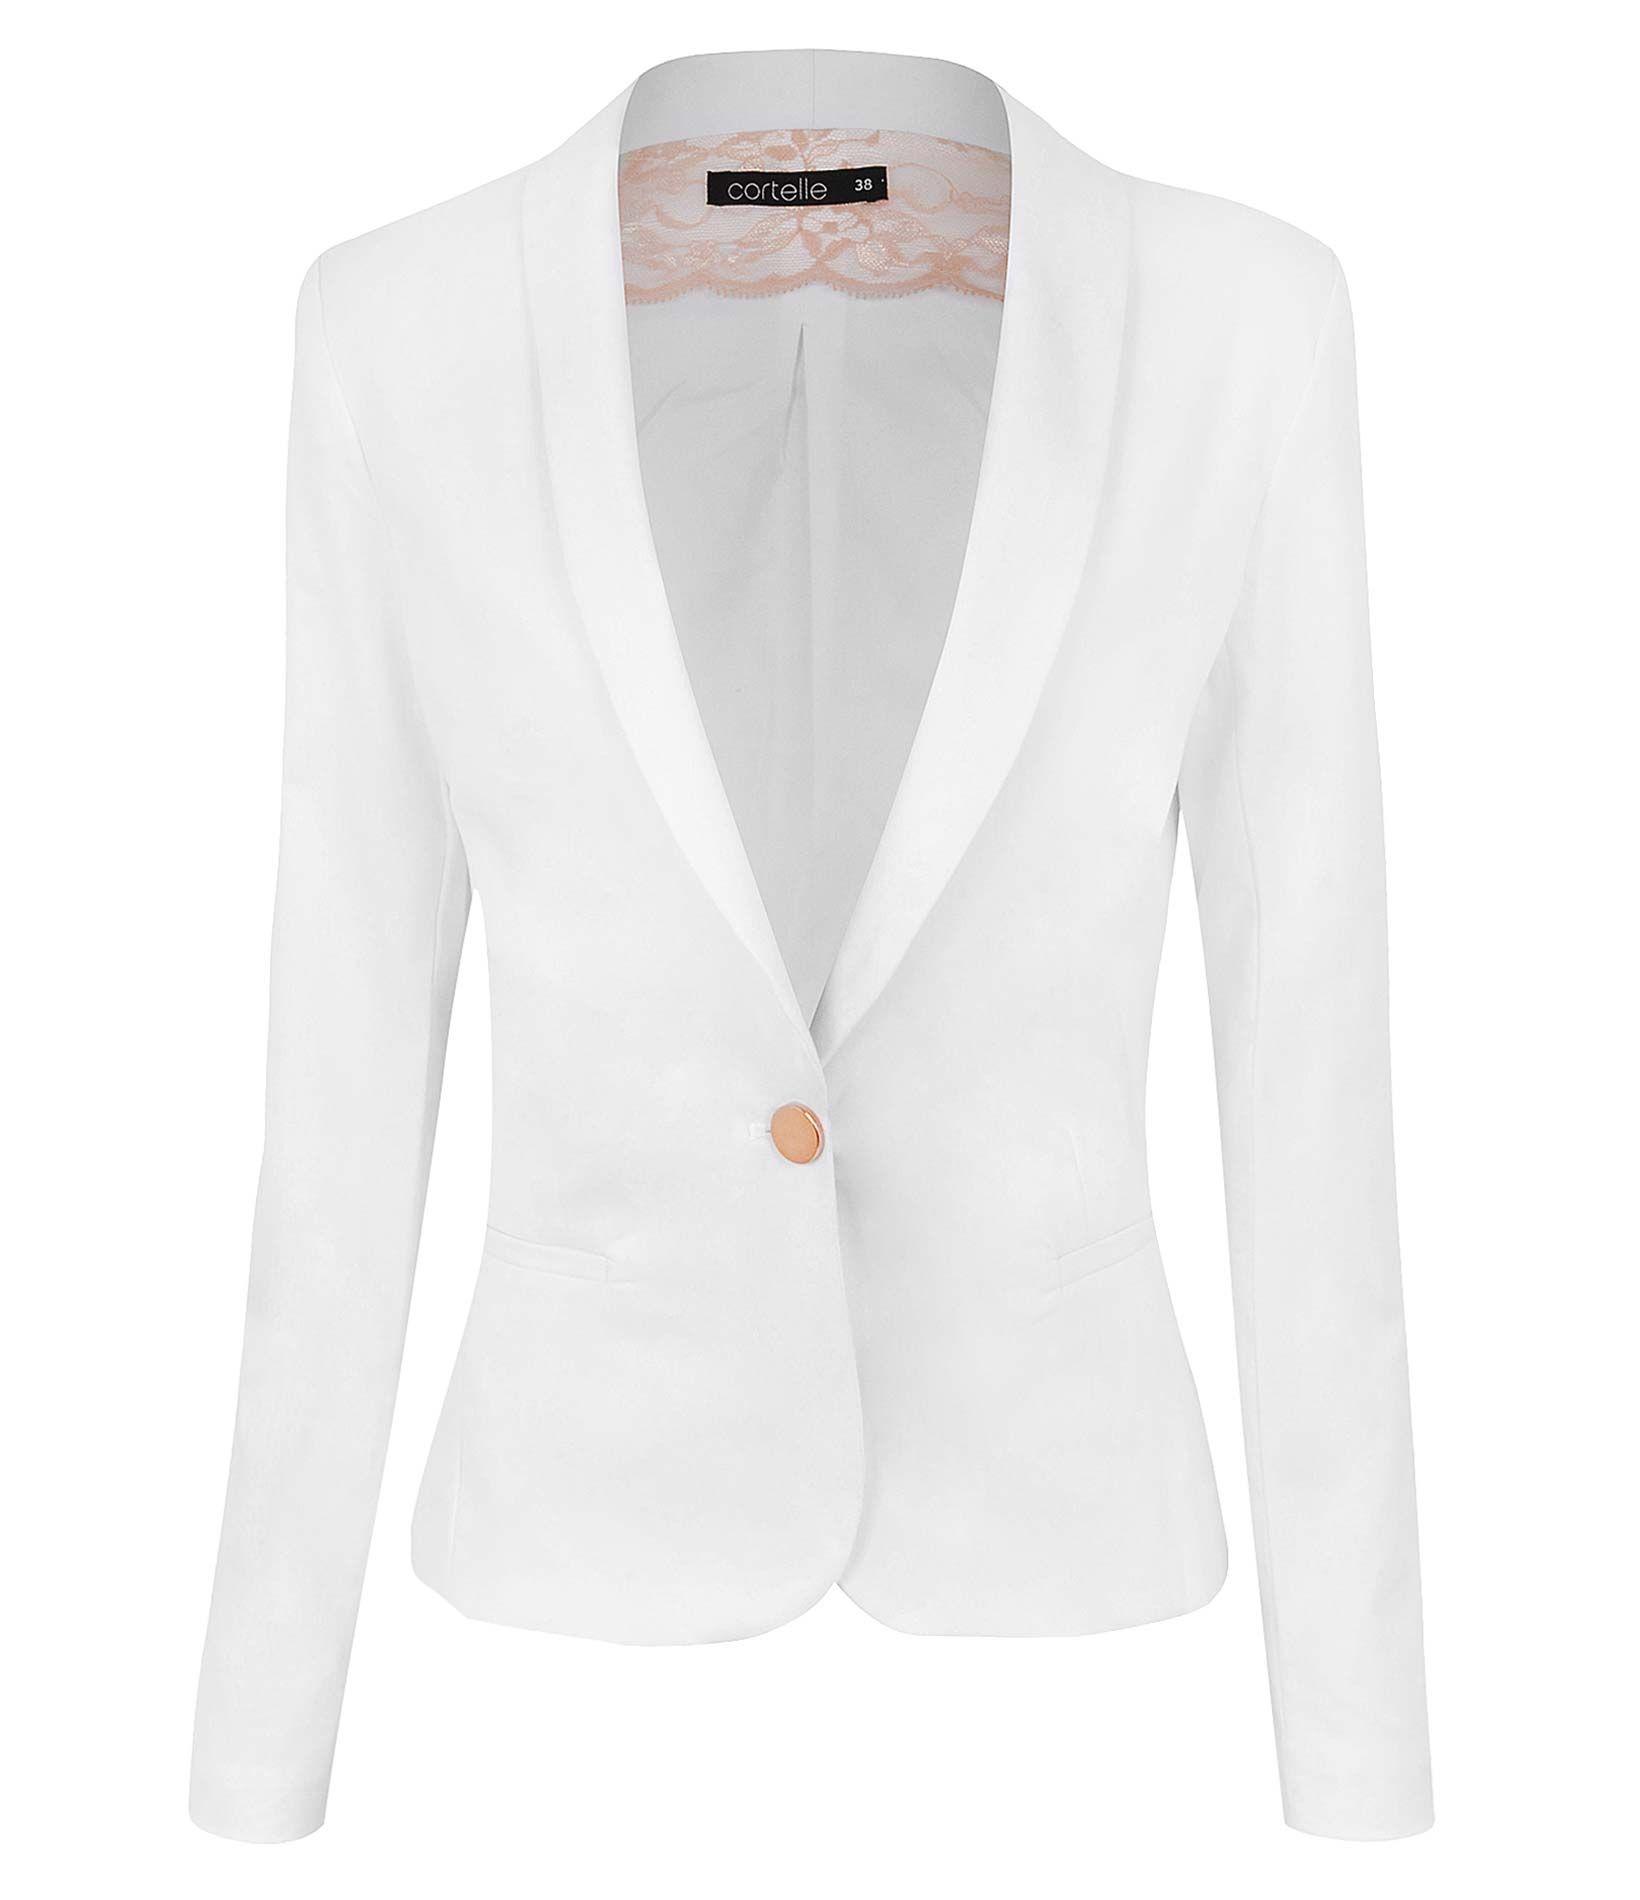 Feminino Casacos e jaquetas Blazers femininos M Preto